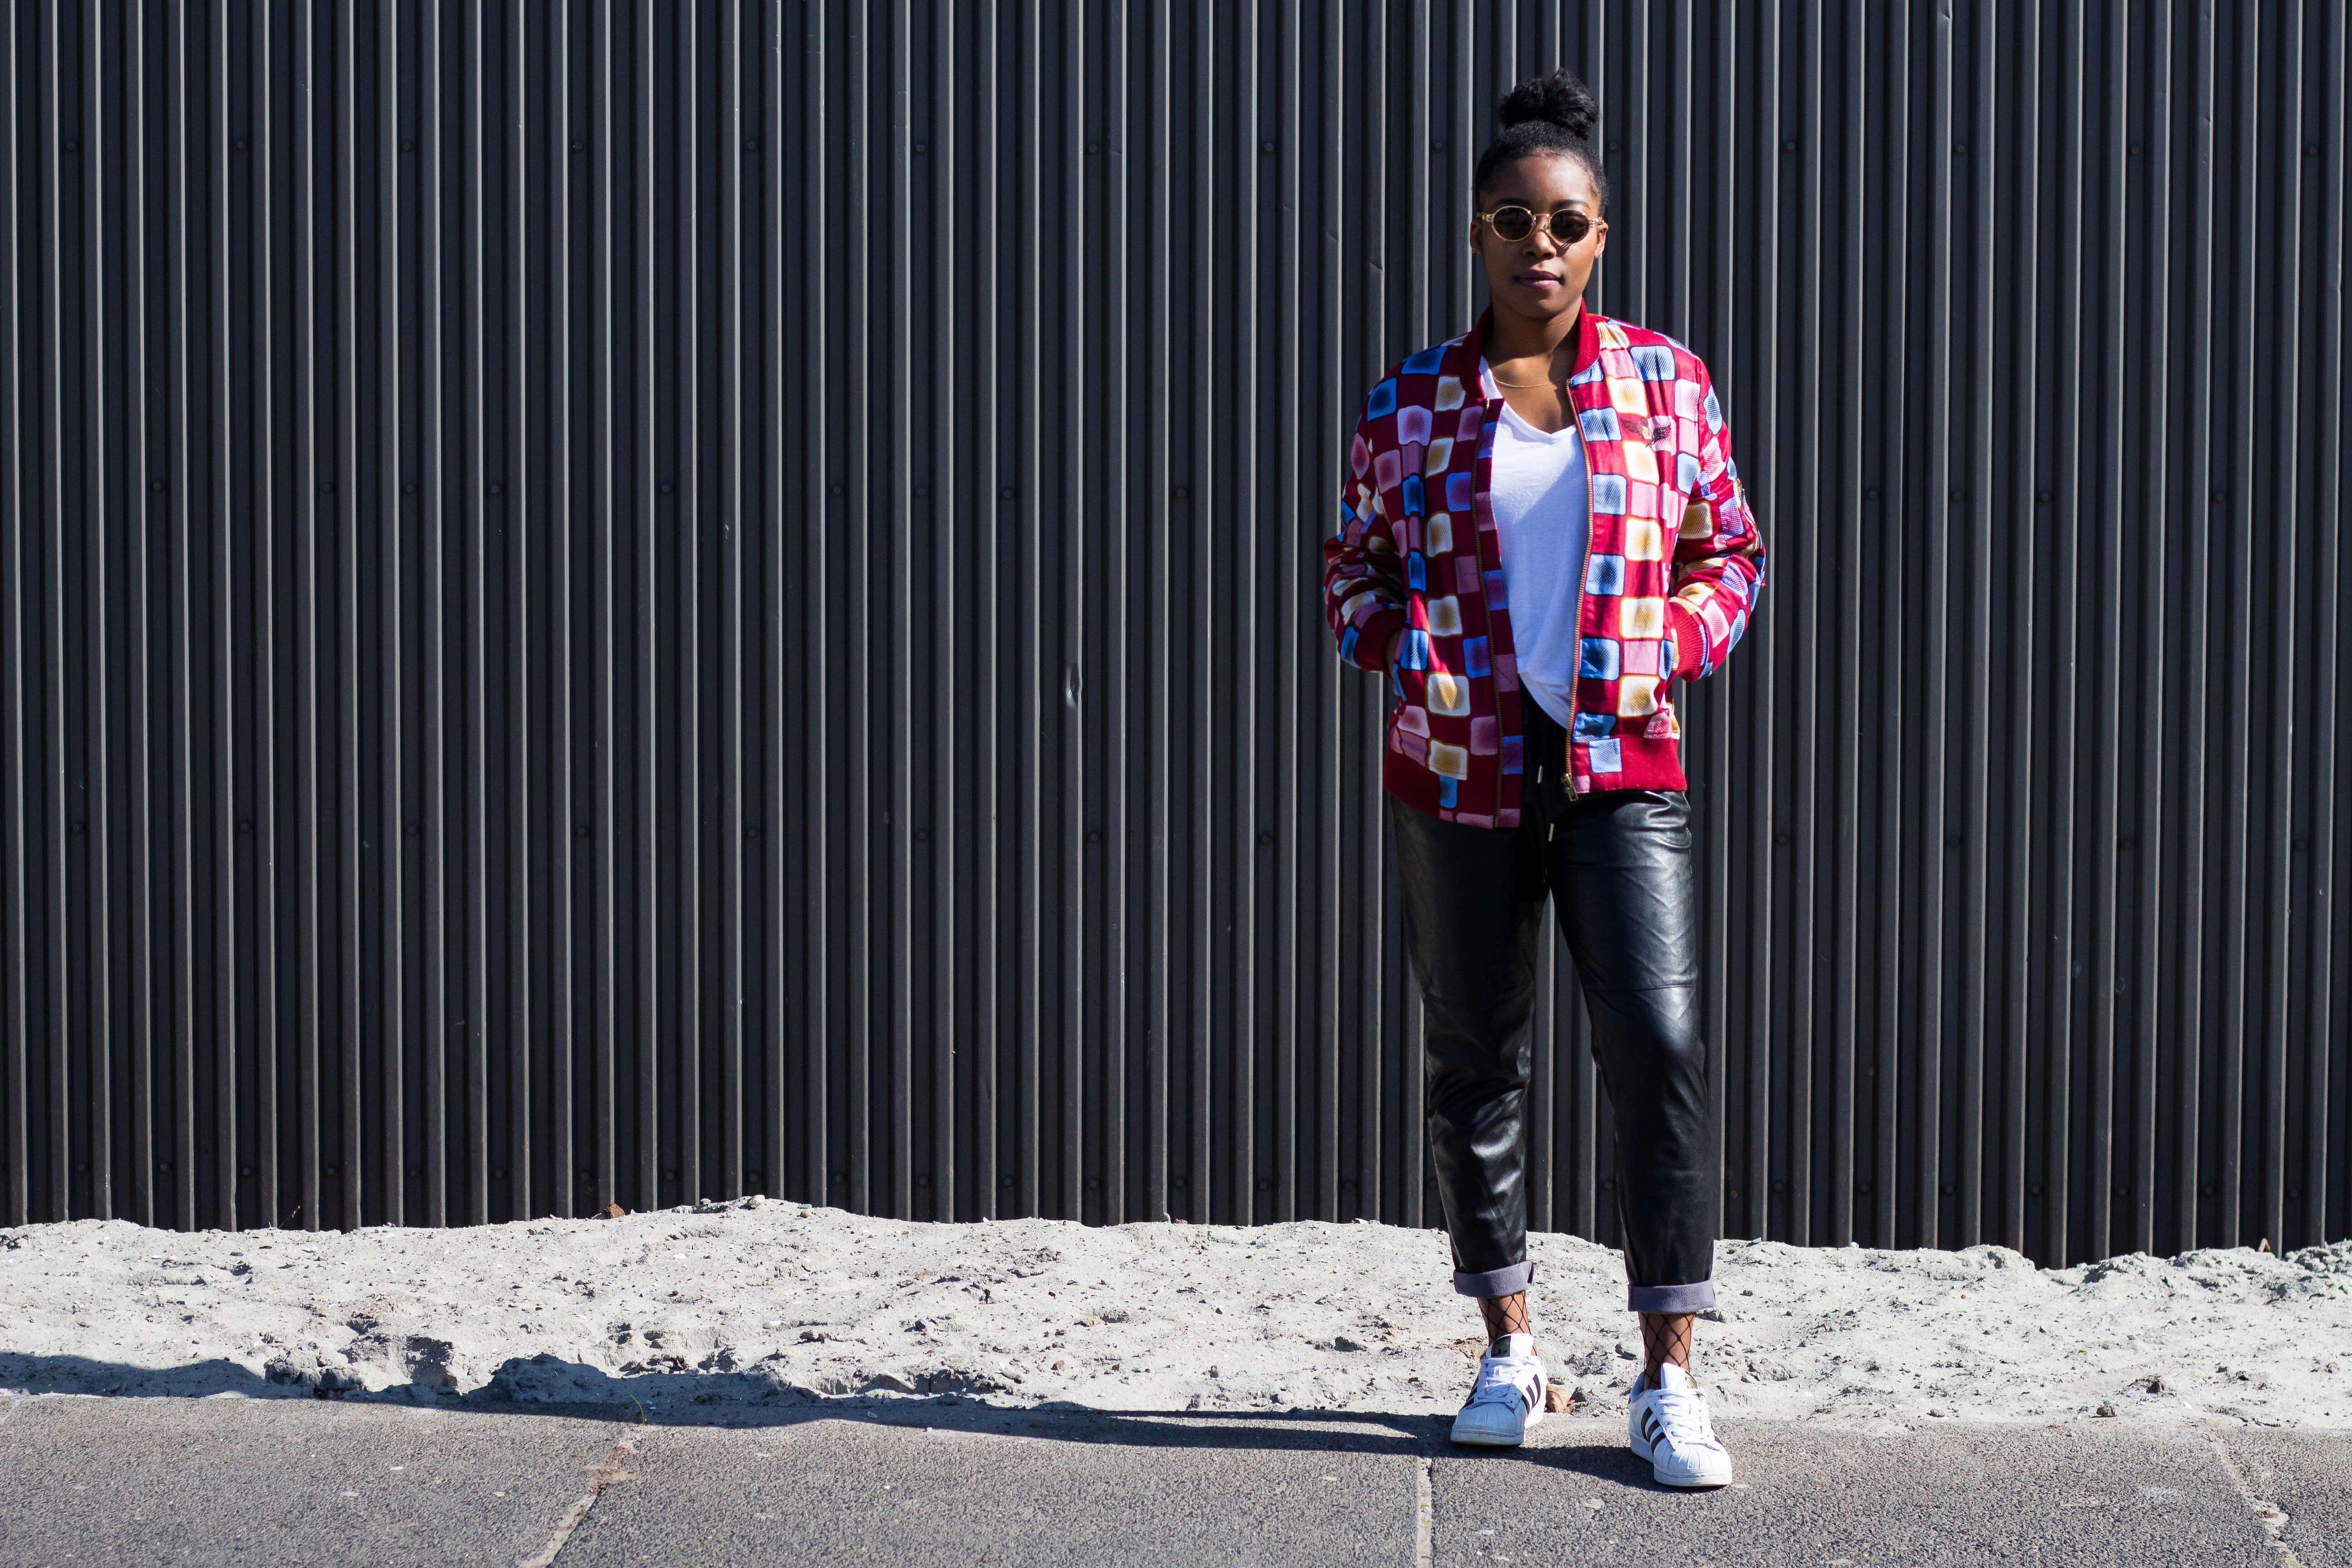 Bomber Jacke; Afrikanisches Muster; Leder Hose